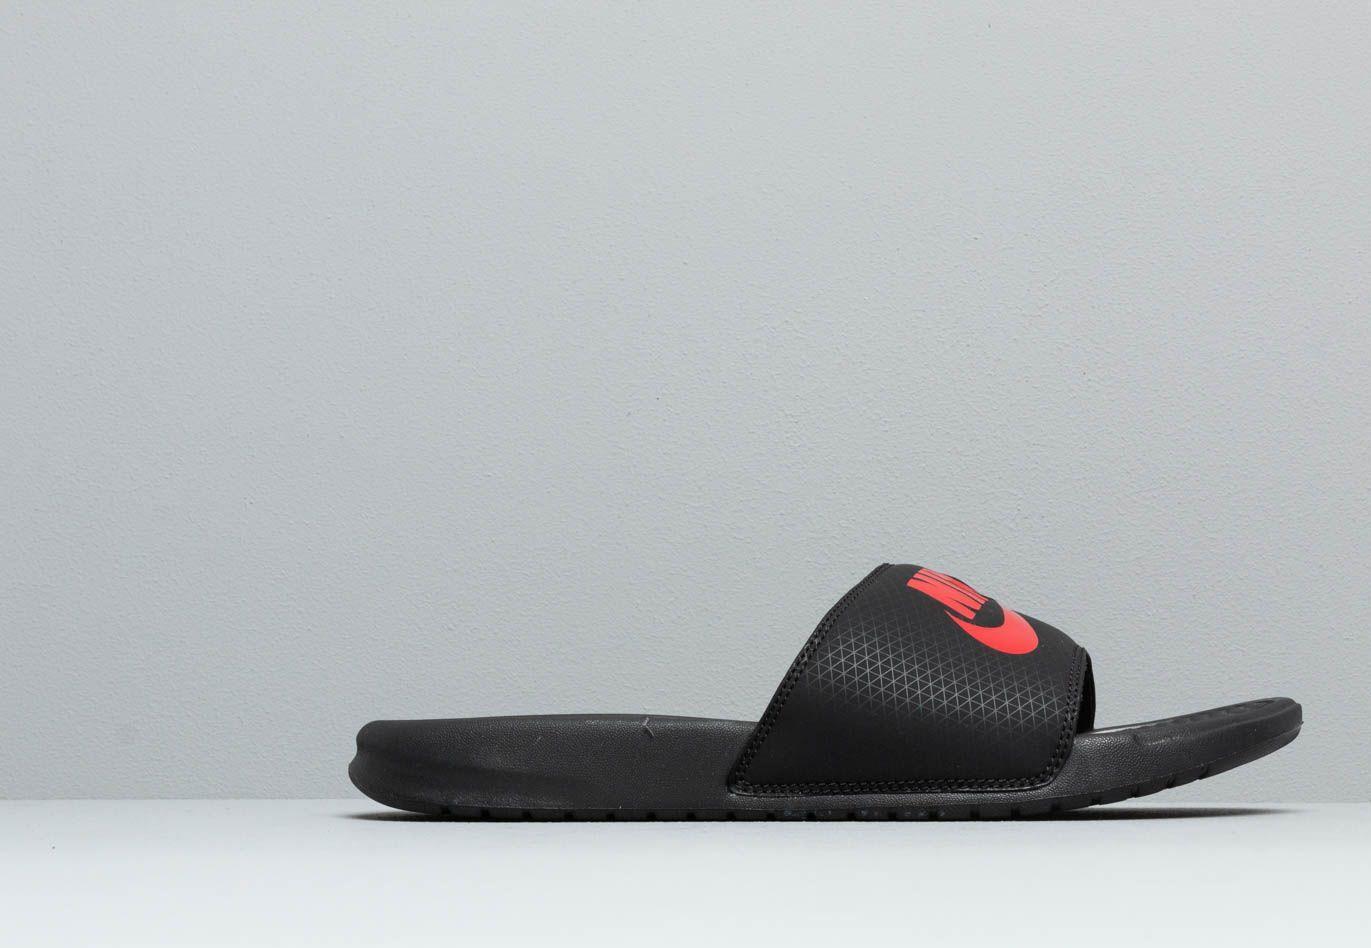 fc0d039016a8 Lyst - Nike Benassi Jdi Black  Challenge Red in Black for Men - Save 36%